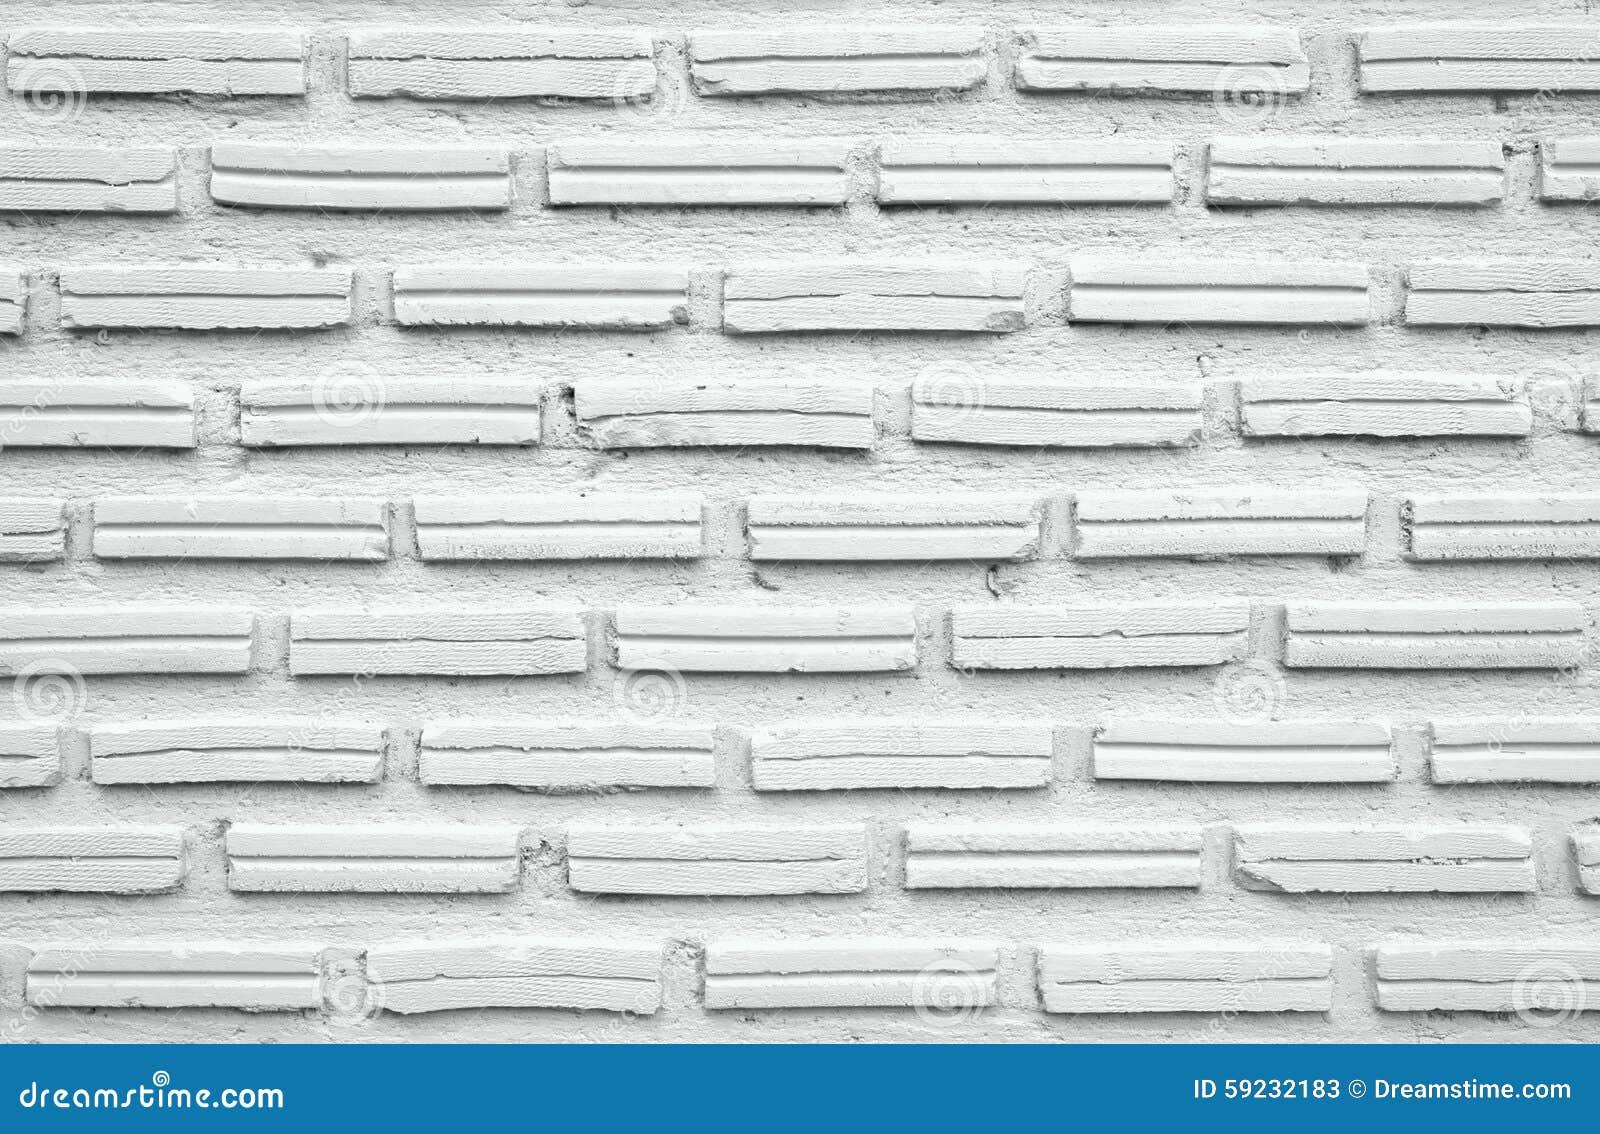 Download Fondos/textura imagen de archivo. Imagen de marrón, suelo - 59232183